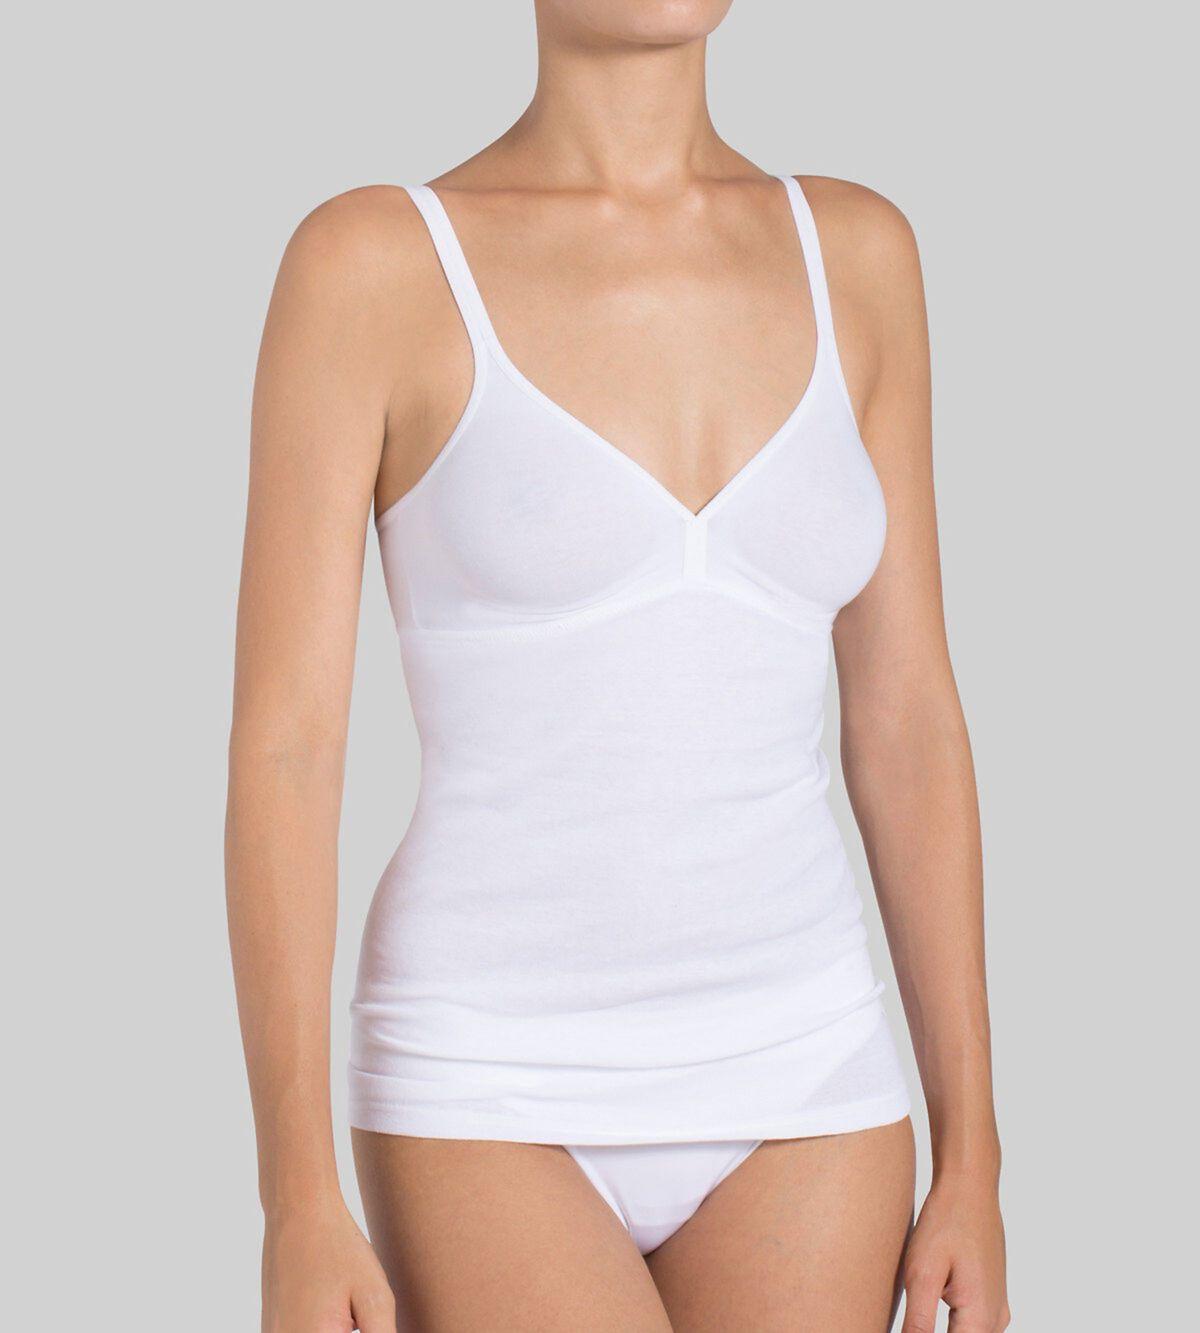 Maillot de Corps Femme Pieces Plain Underwear Top Noos